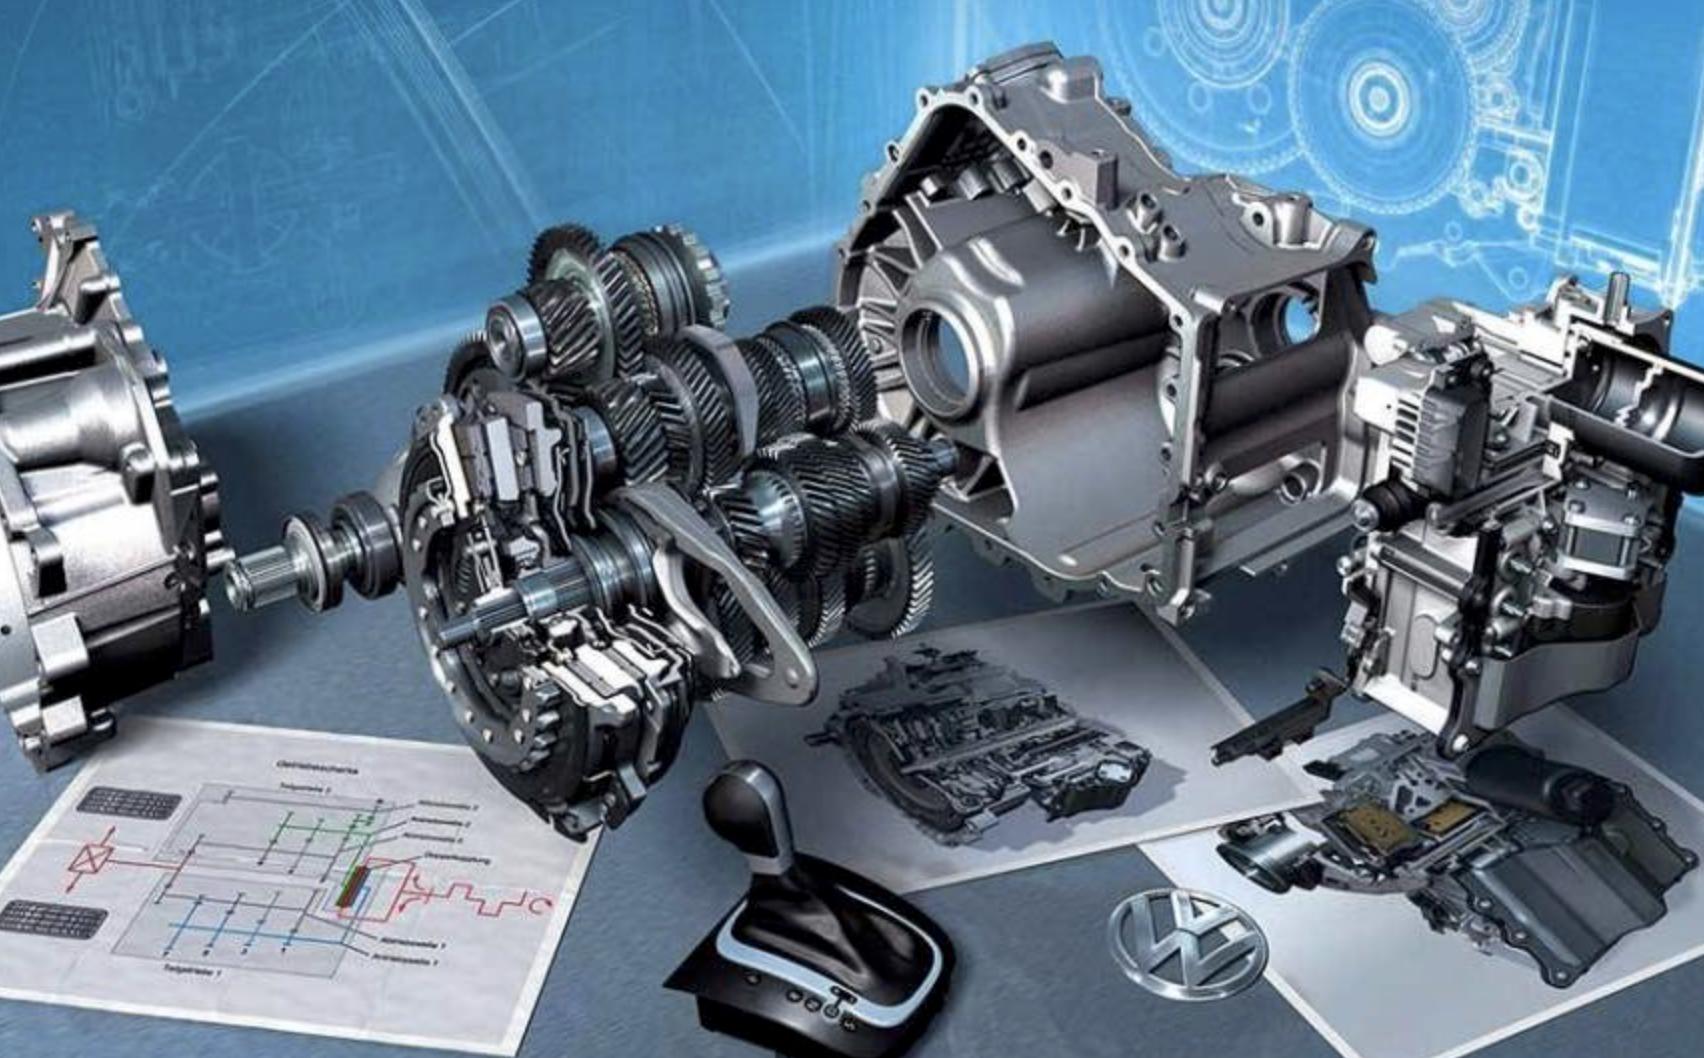 VW transmission DSG Fault